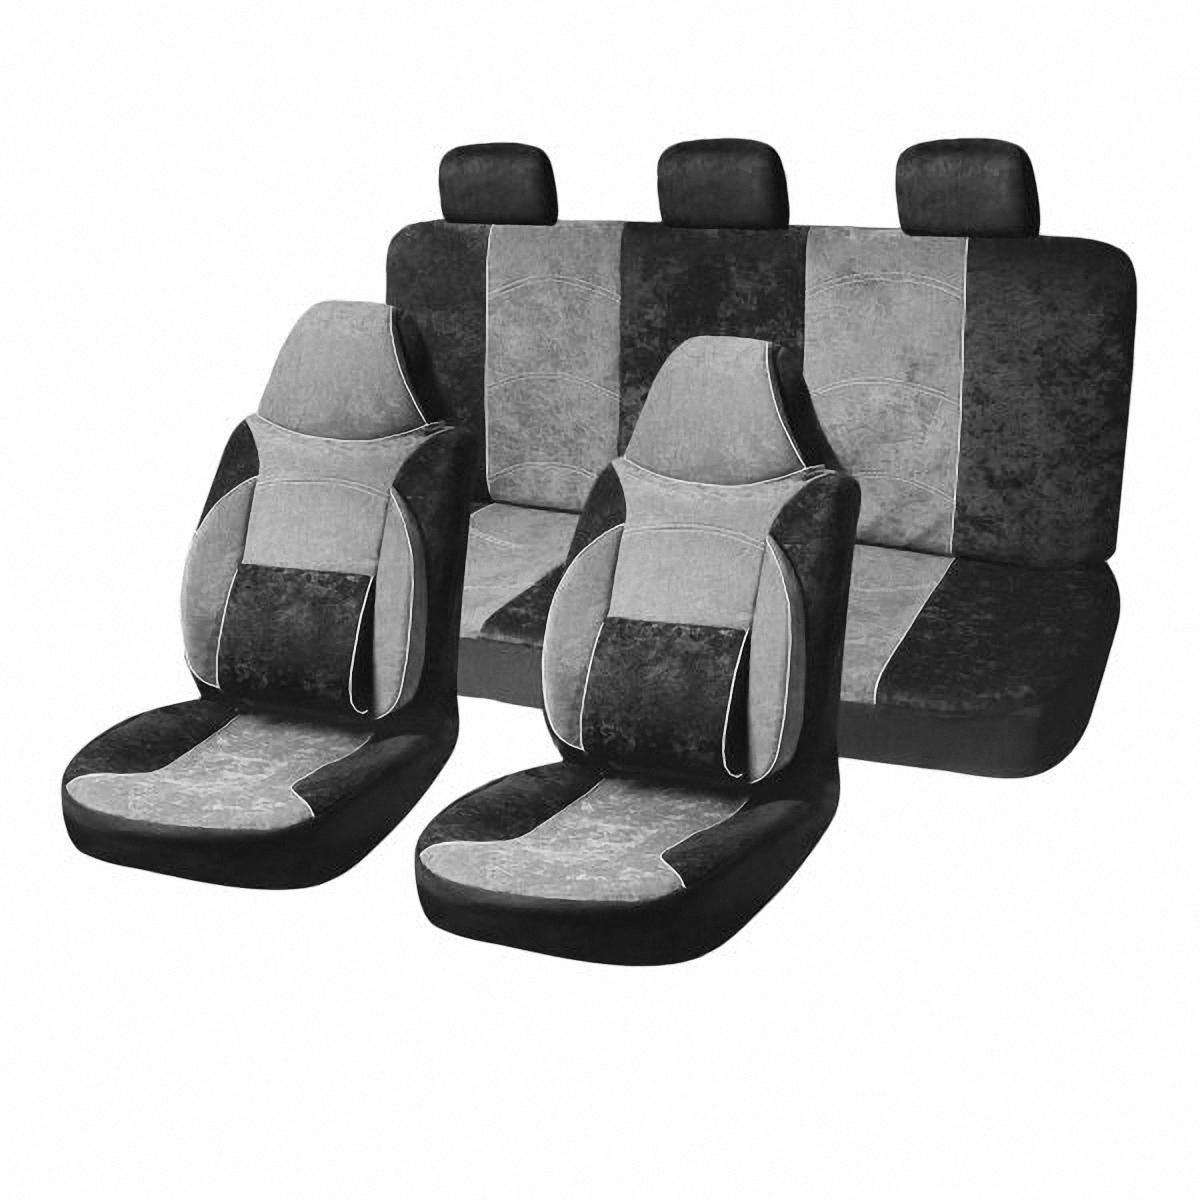 Чехлы автомобильные Skyway. S01301033CA-3505Комплект классических универсальных автомобильных чехлов Skyway S01301033 изготовлен из велюра. Чехлы защитят обивку сидений от вытирания и выцветания. Благодаря структуре ткани, обеспечивается улучшенная вентиляция кресел, что позволяет сделать более комфортными долгое пребывание за рулем во время дальней поездки.